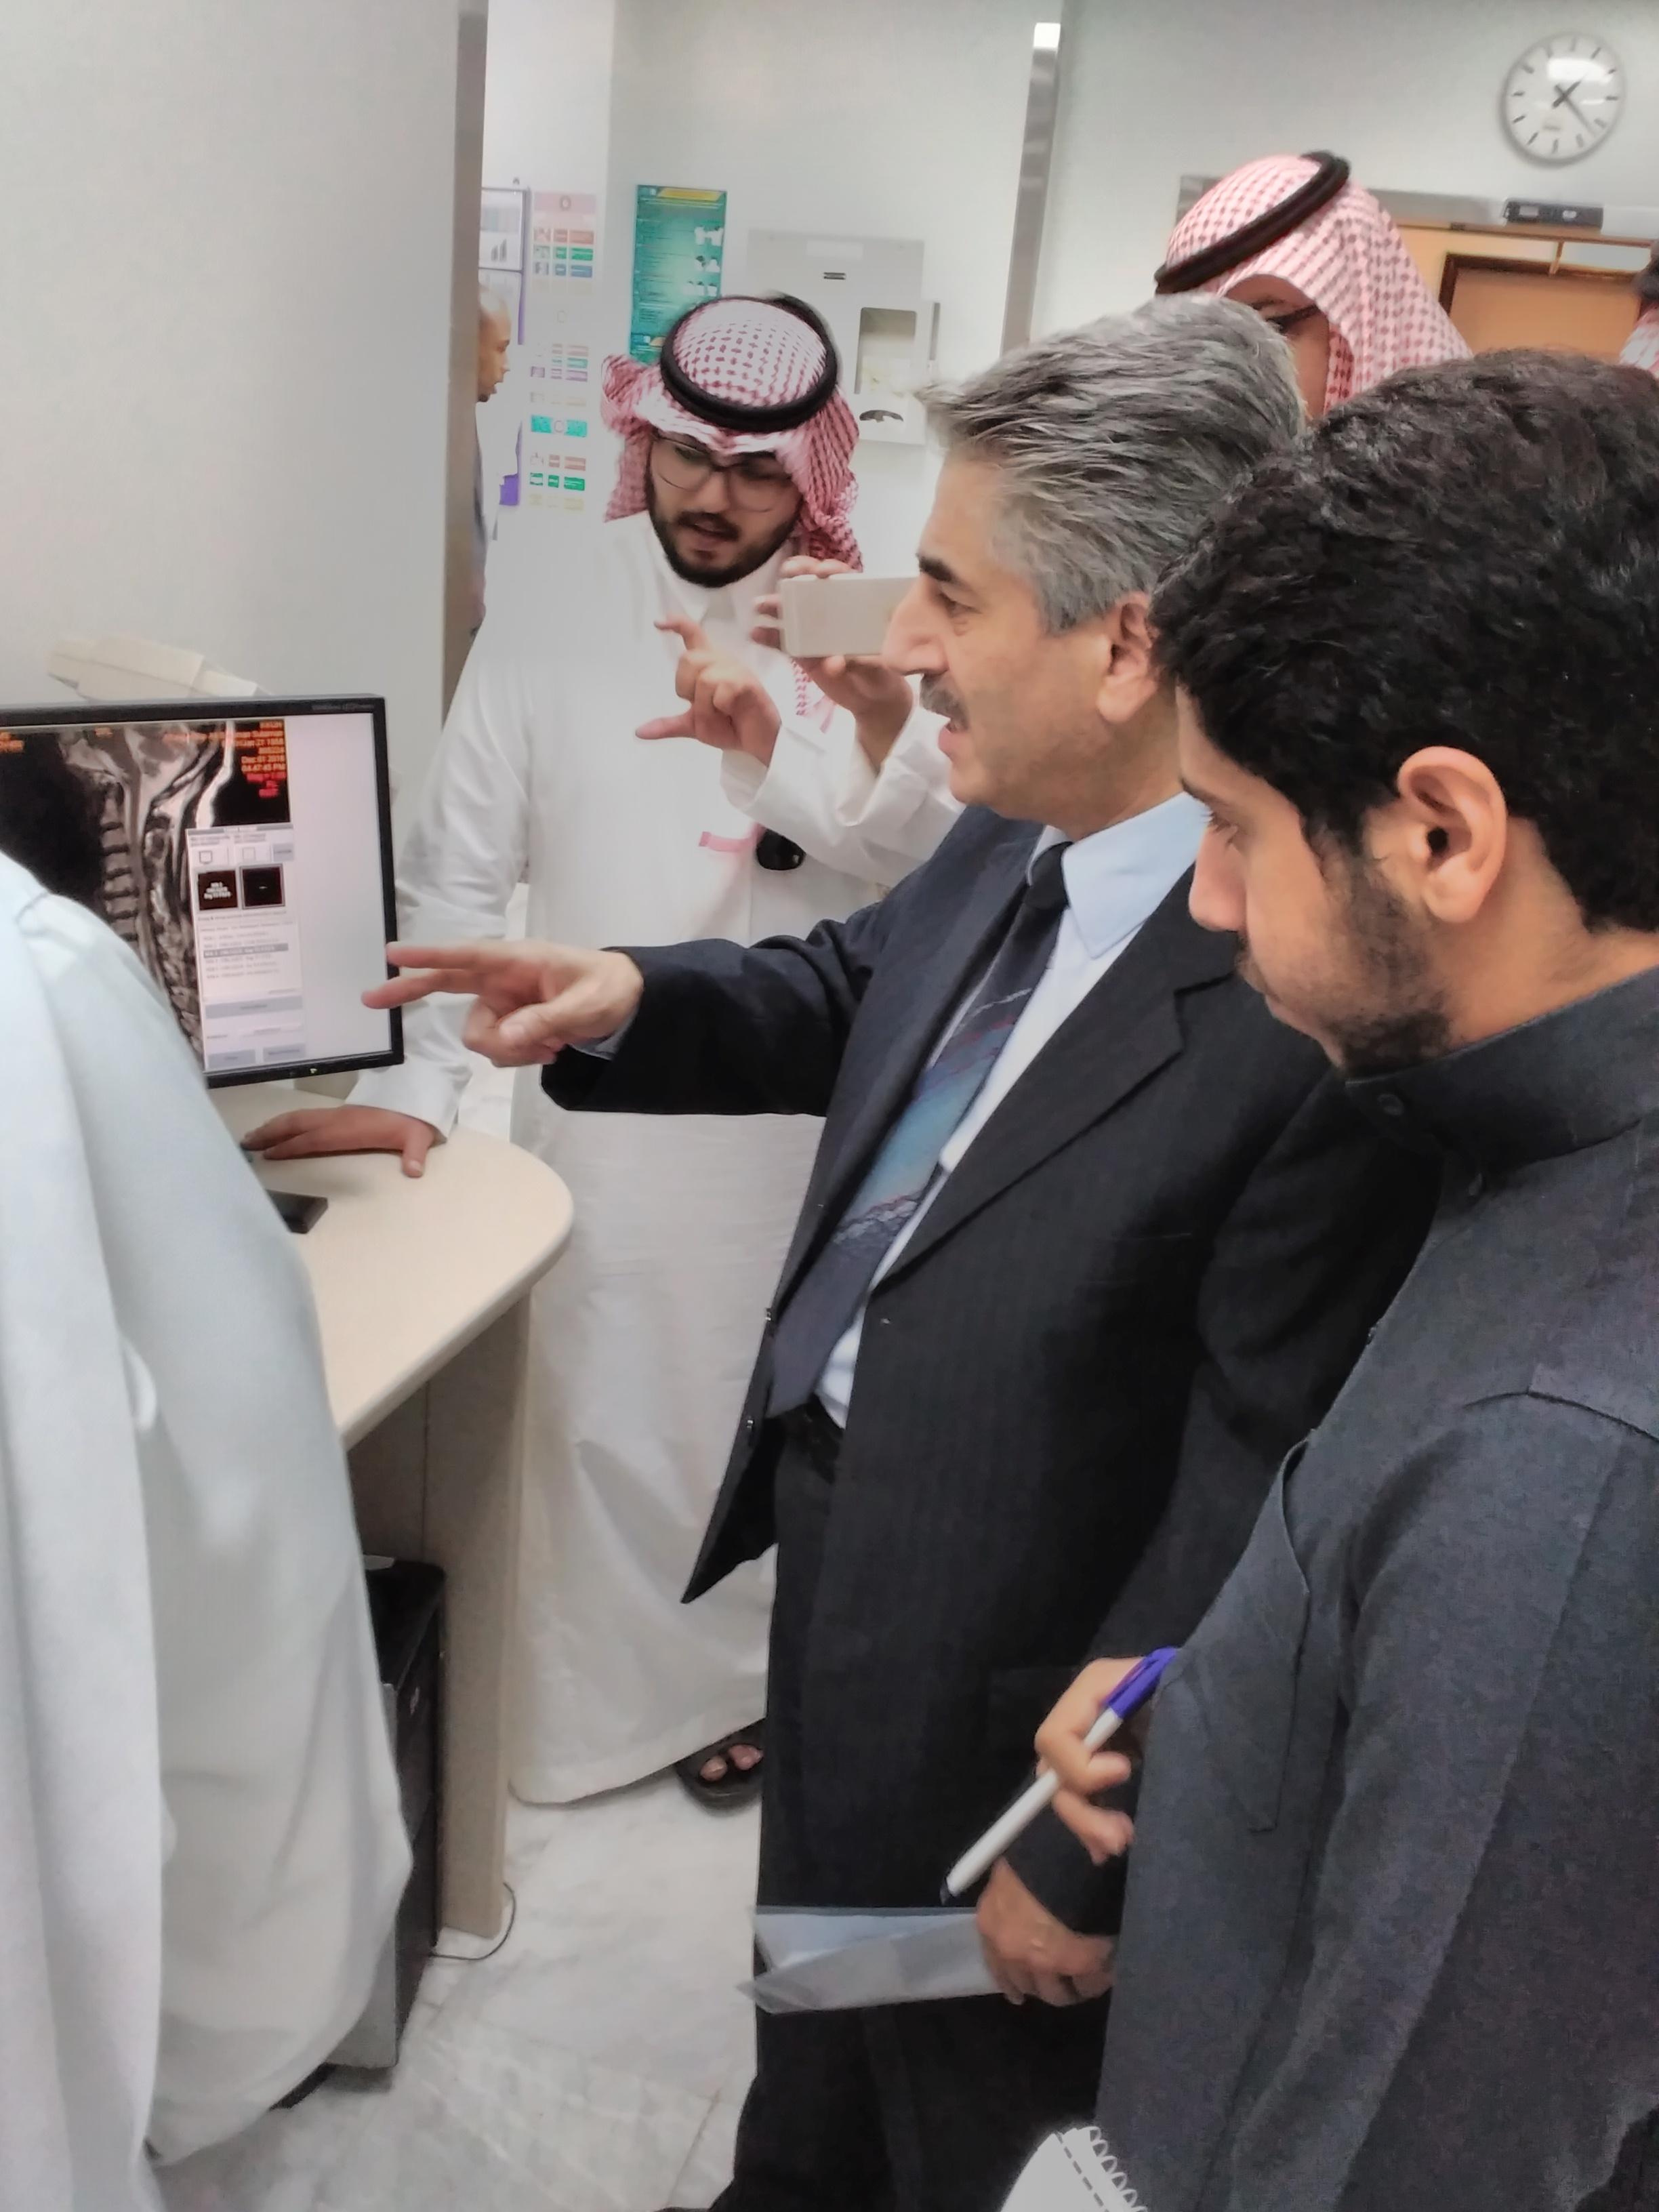 طلاب علم النفس في وحدة MRI بمستشفى الملك خالد الجامعي